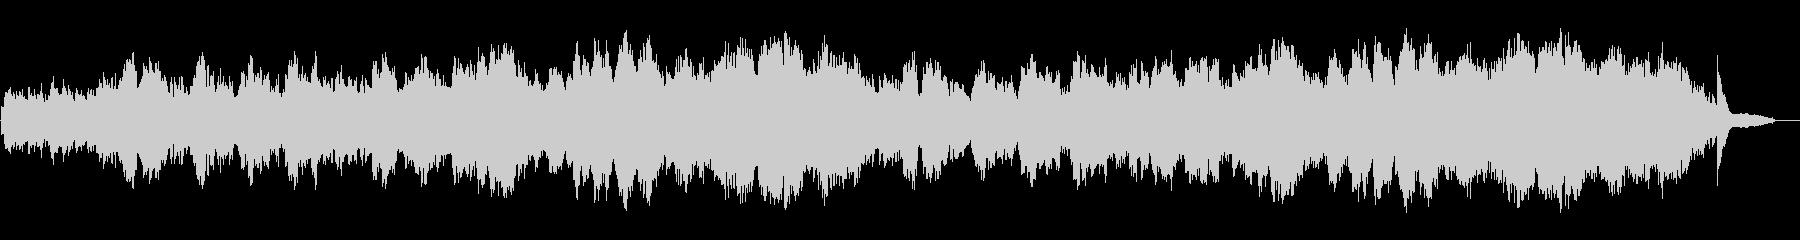 生フルート!グノーのアヴェ・マリアの未再生の波形